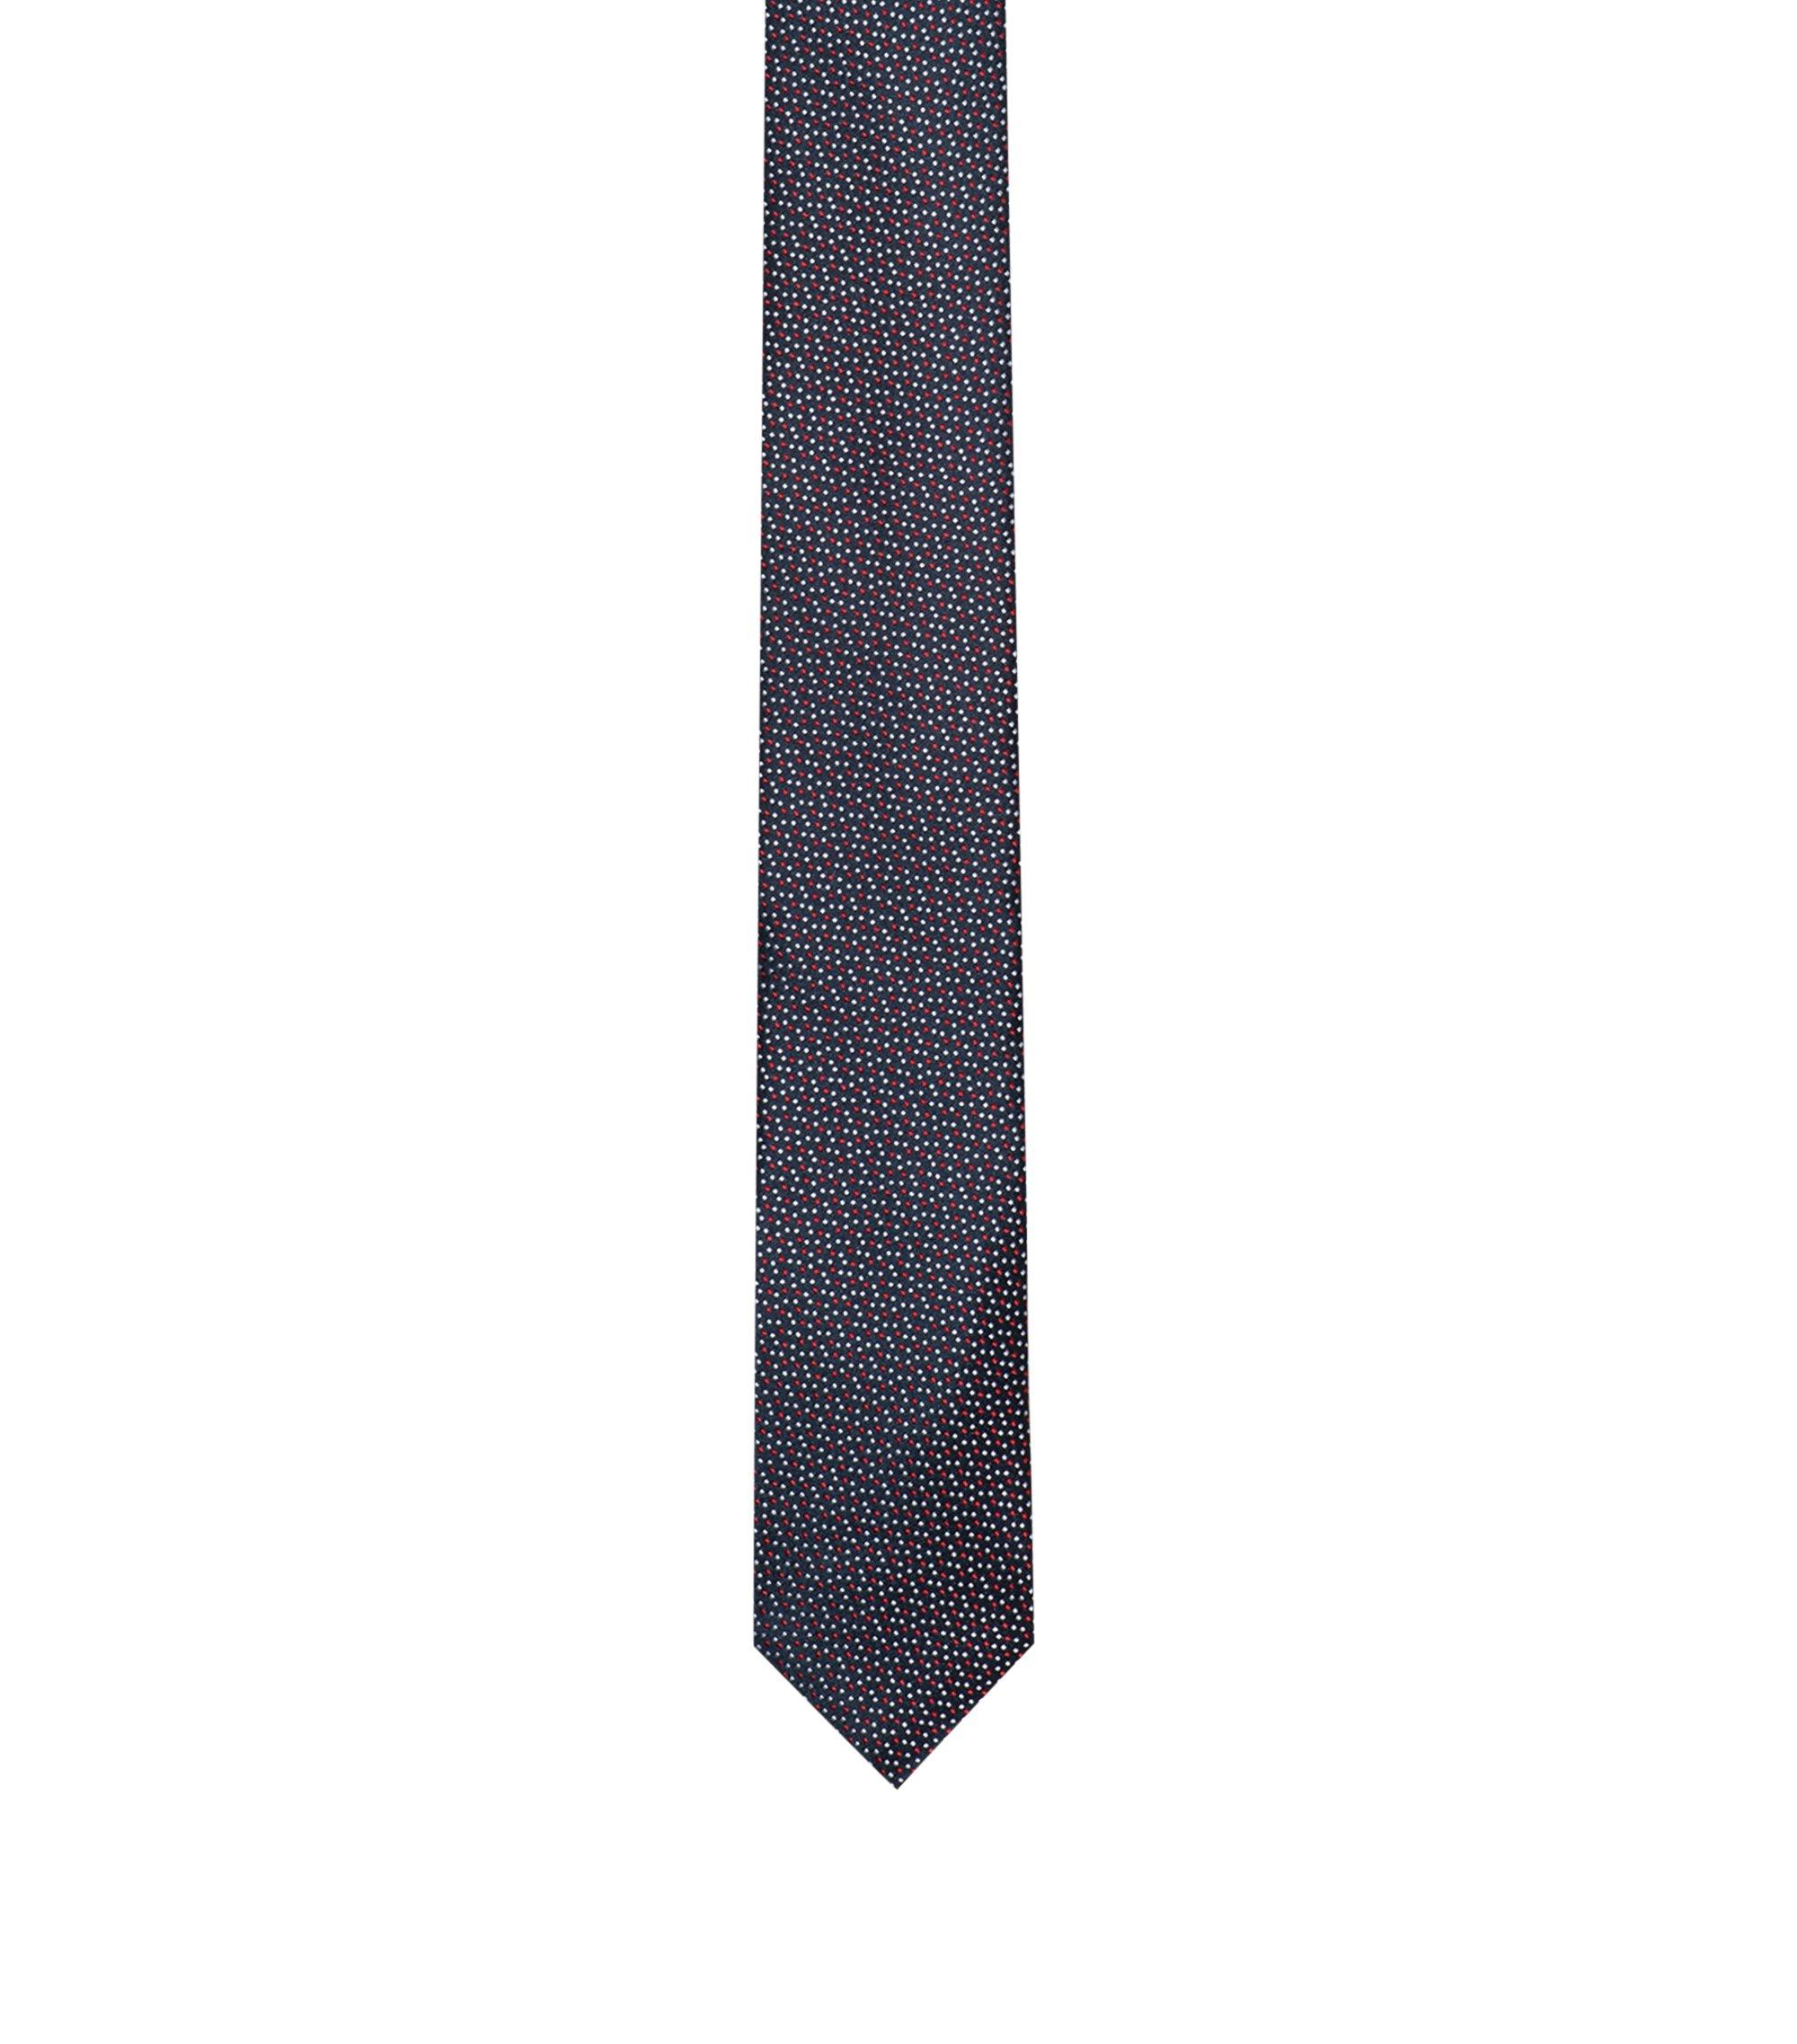 Zijden stropdas met stippendessin, Rood